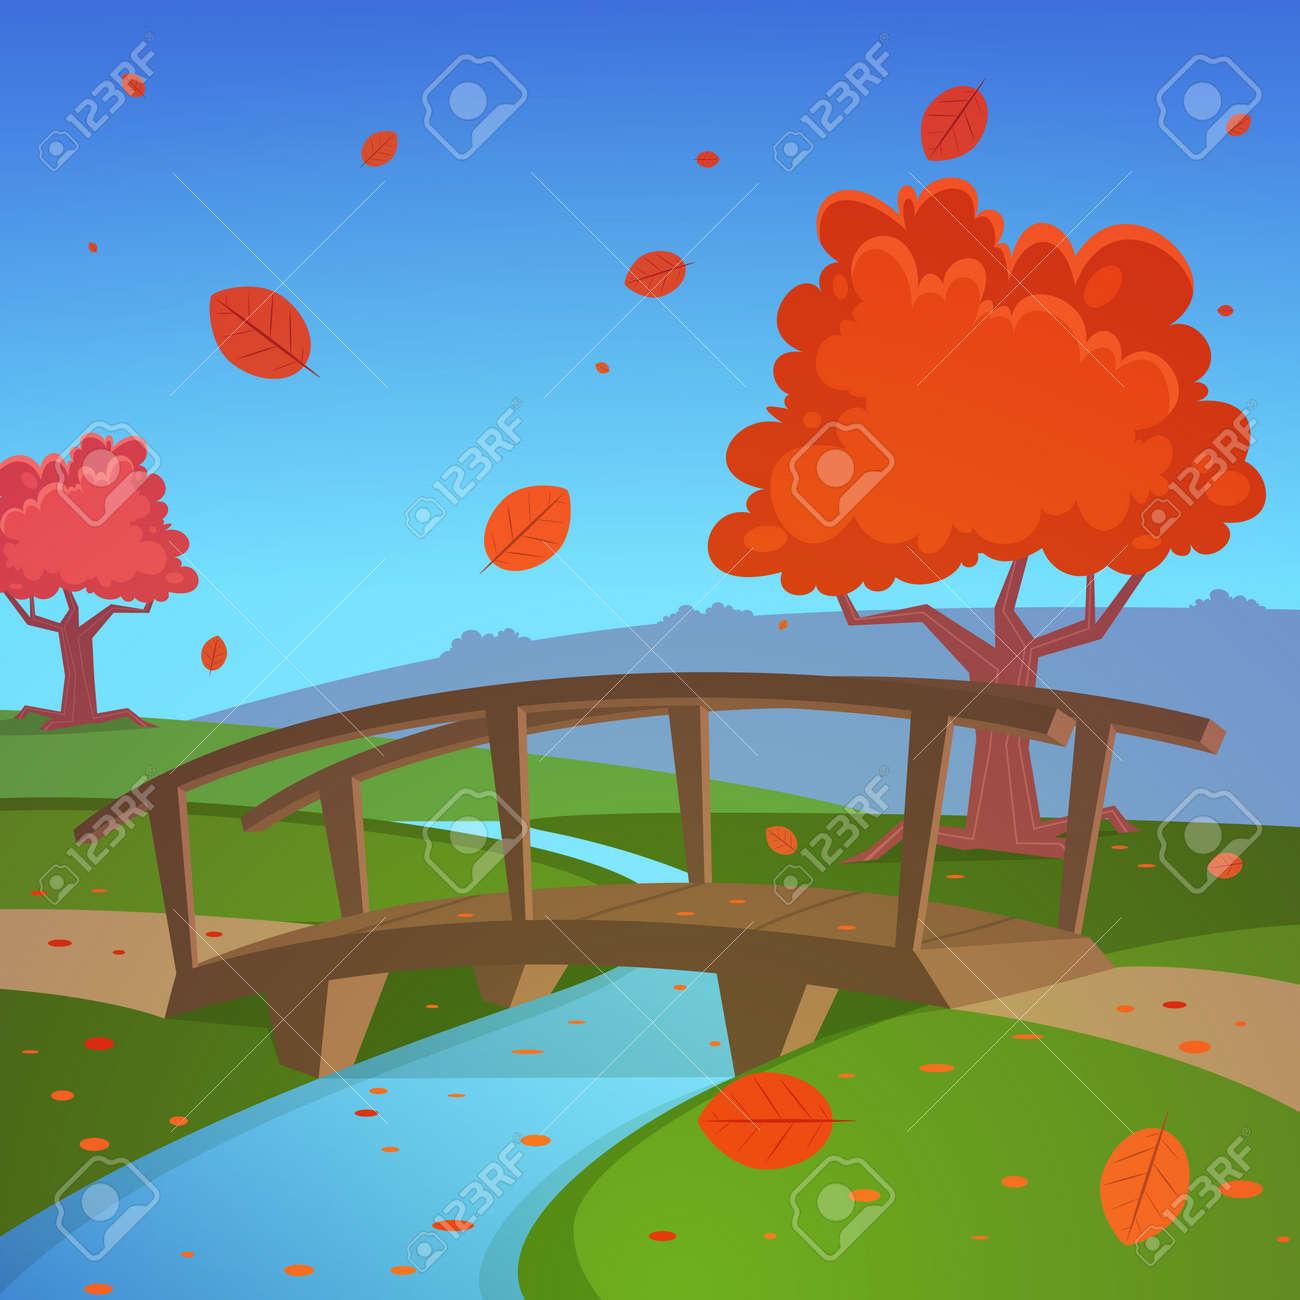 Autumn landscape with bridge - 34576338